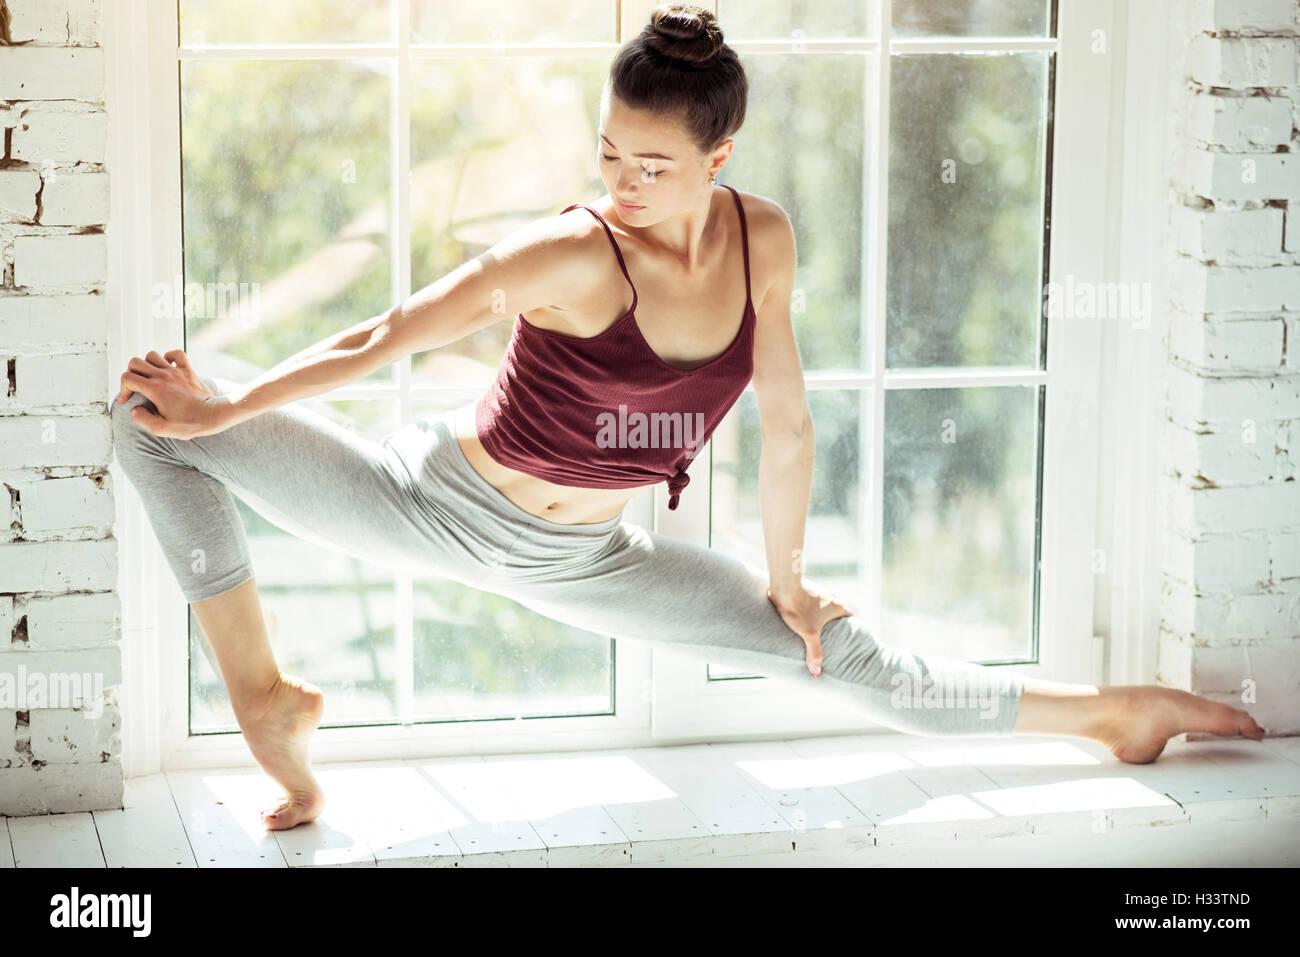 Bellissima femmina stretching ballerino il suo corpo Immagini Stock